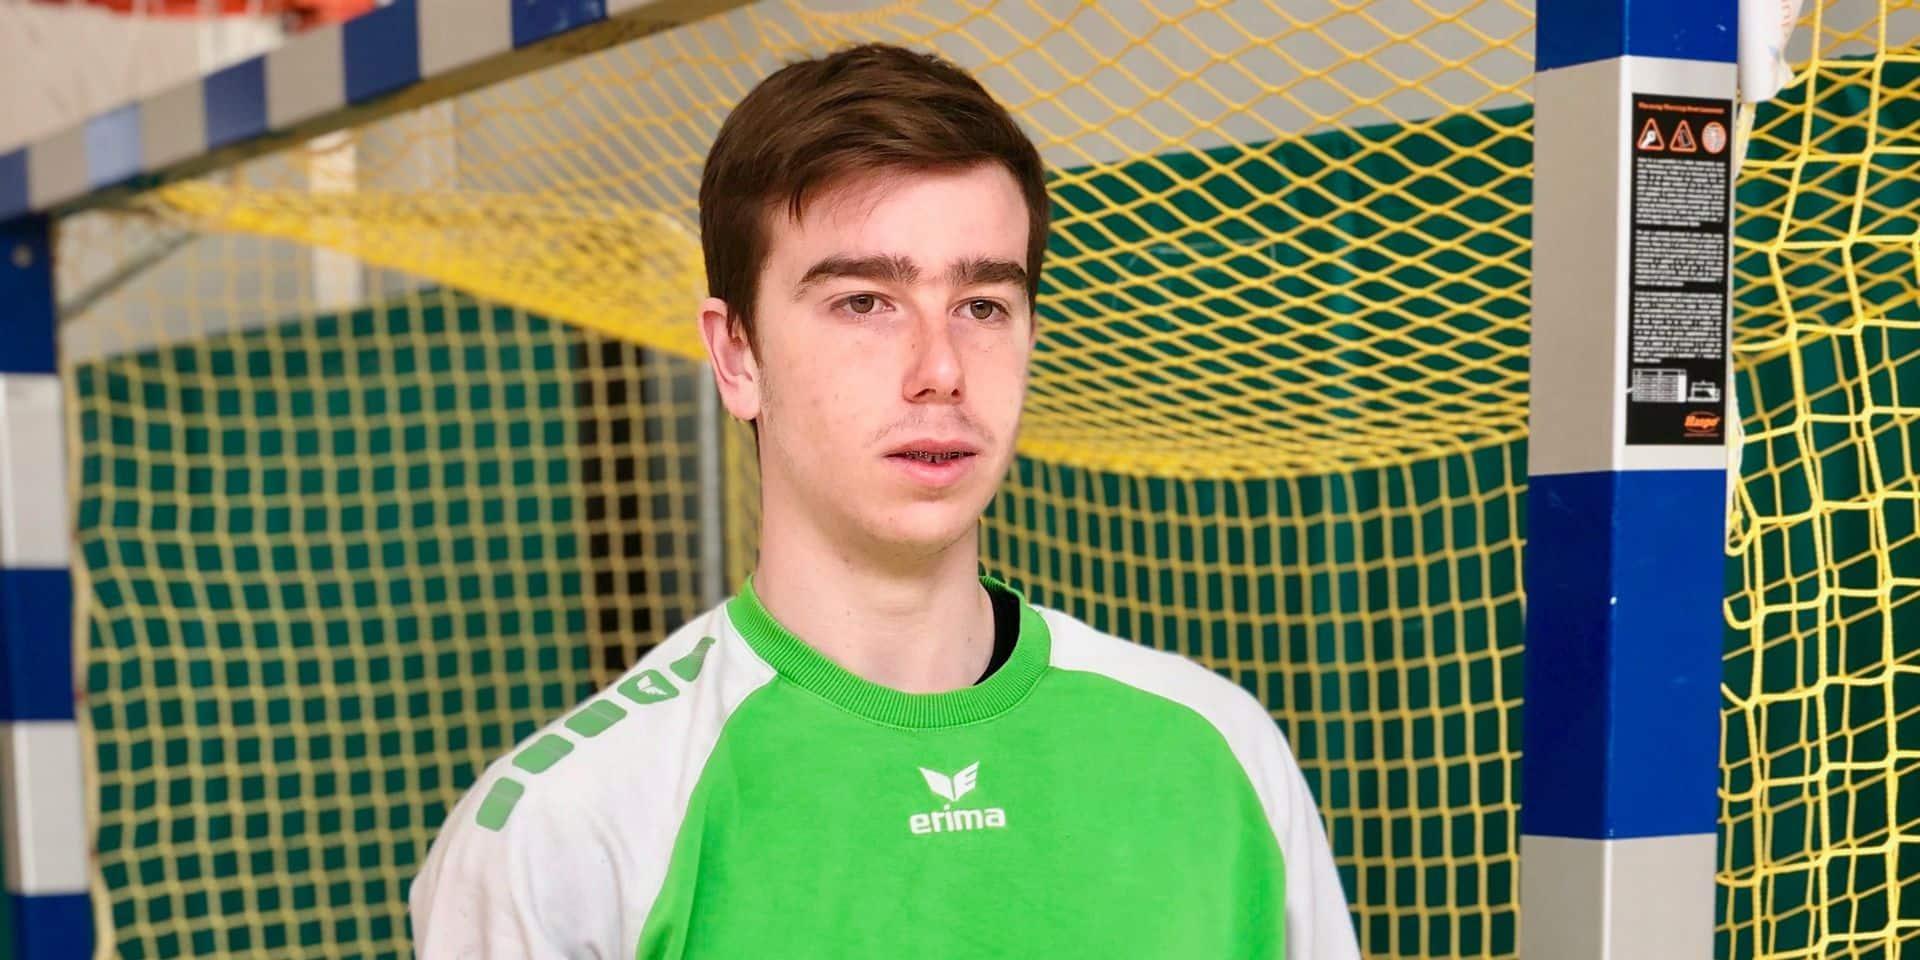 """Alessio Reumont, seul handballeur brabançon en activité actuellement: """"Un sentiment de liberté"""""""